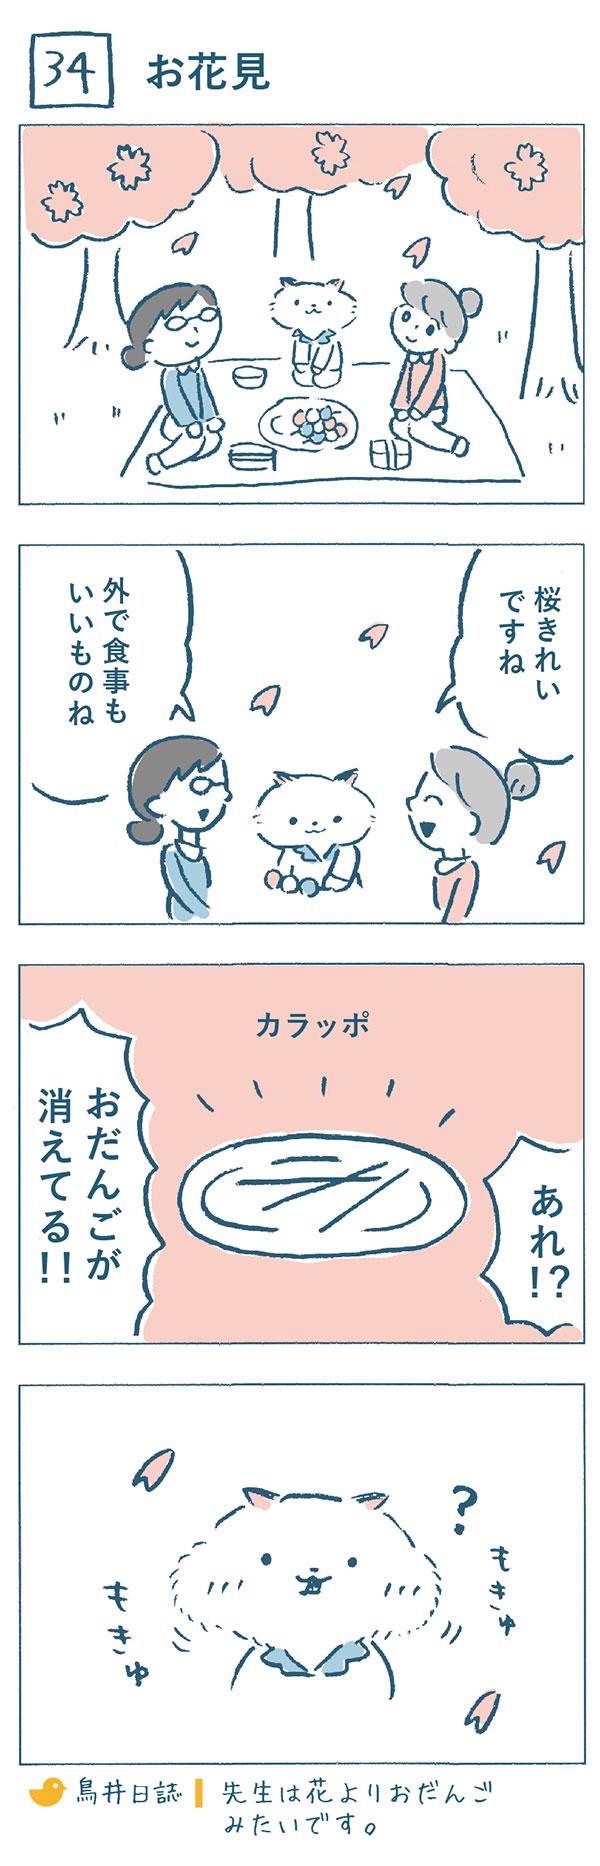 タイトル:お花見。ねこやまクリニックのみんながお花見をしています。「桜綺麗ですね。」「外で食事も良いものね。」と奈央子と熊野さんが桜を楽しんでいる間に、お皿にあったはずのお団子がなくなっていました。「あれ!?おだんごが消えてる!!」と驚いている2人を不思議そうに見つめるねこやま先生のほっぺはおだんごでいっぱいなのでした。先生は花よりおだんごみたいです。